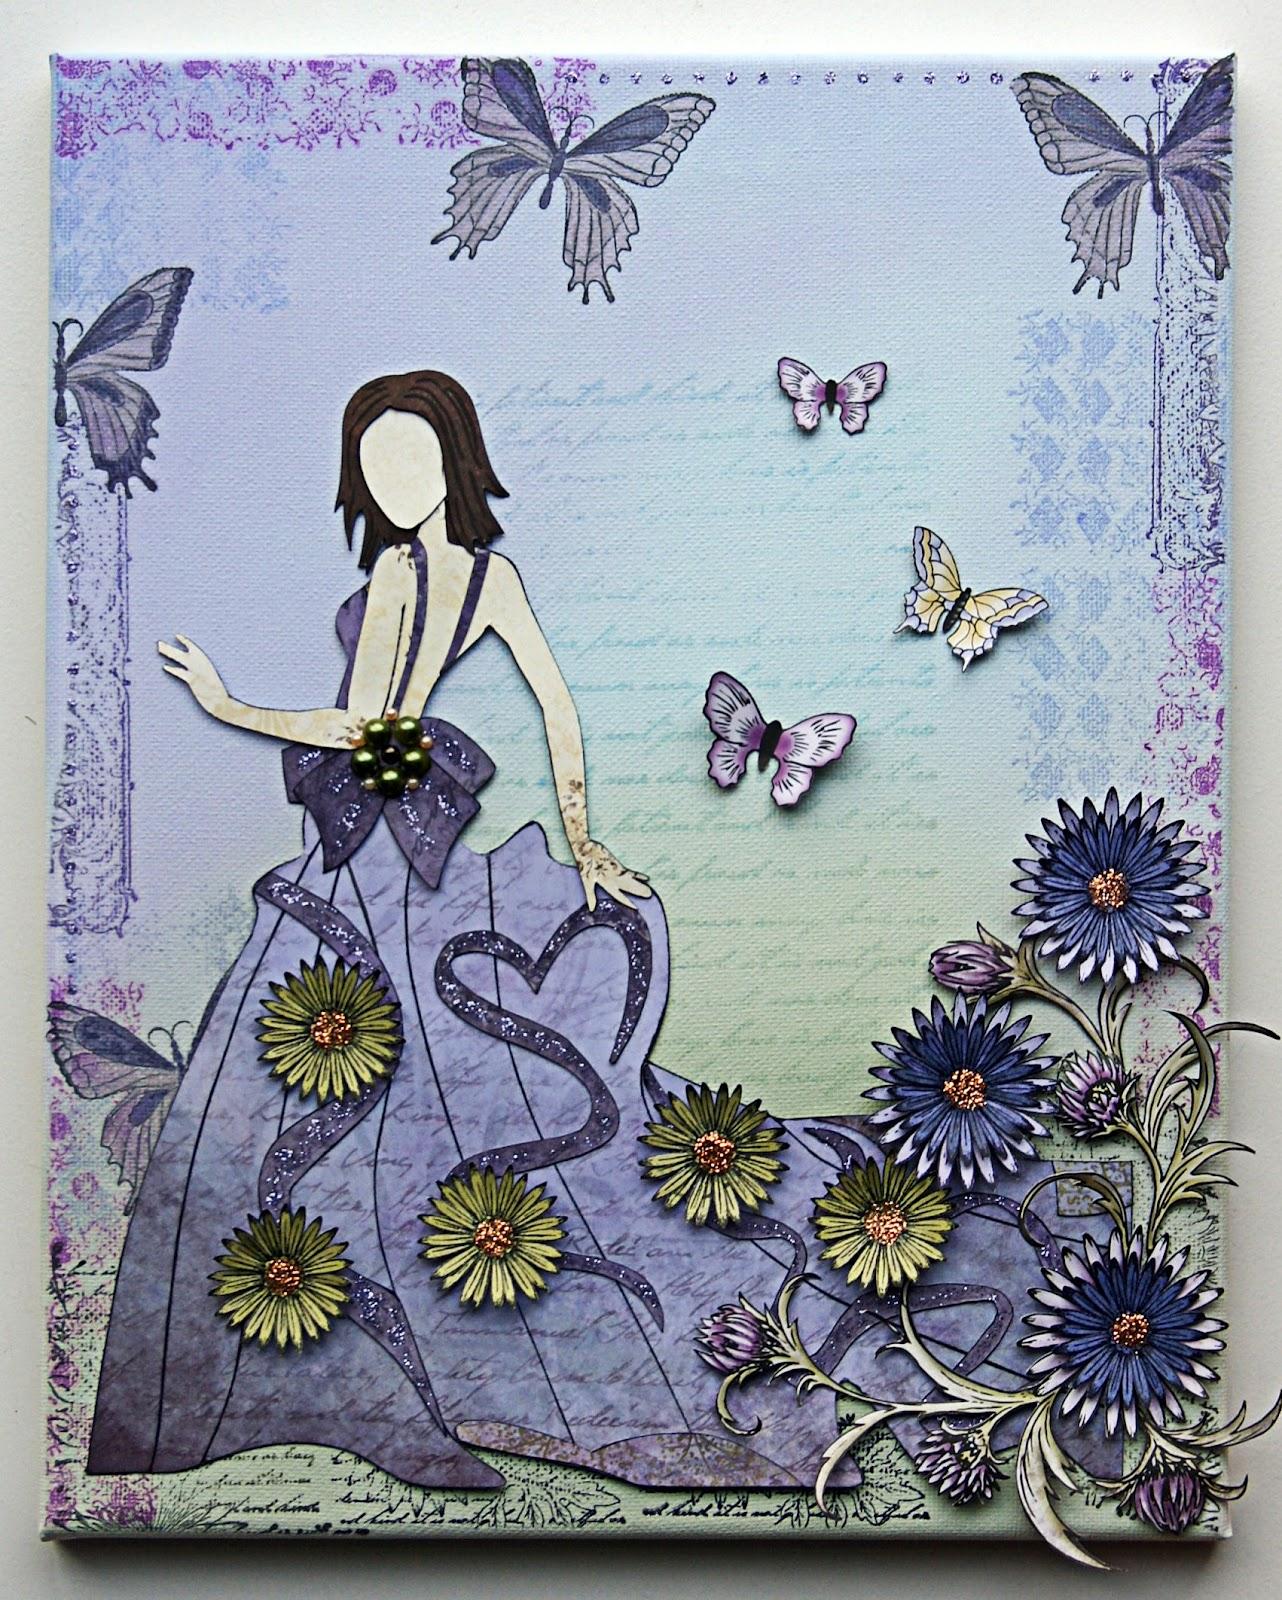 emilia van den heuvel  mixed media canvas  u0026quot spring u0026quot   dt